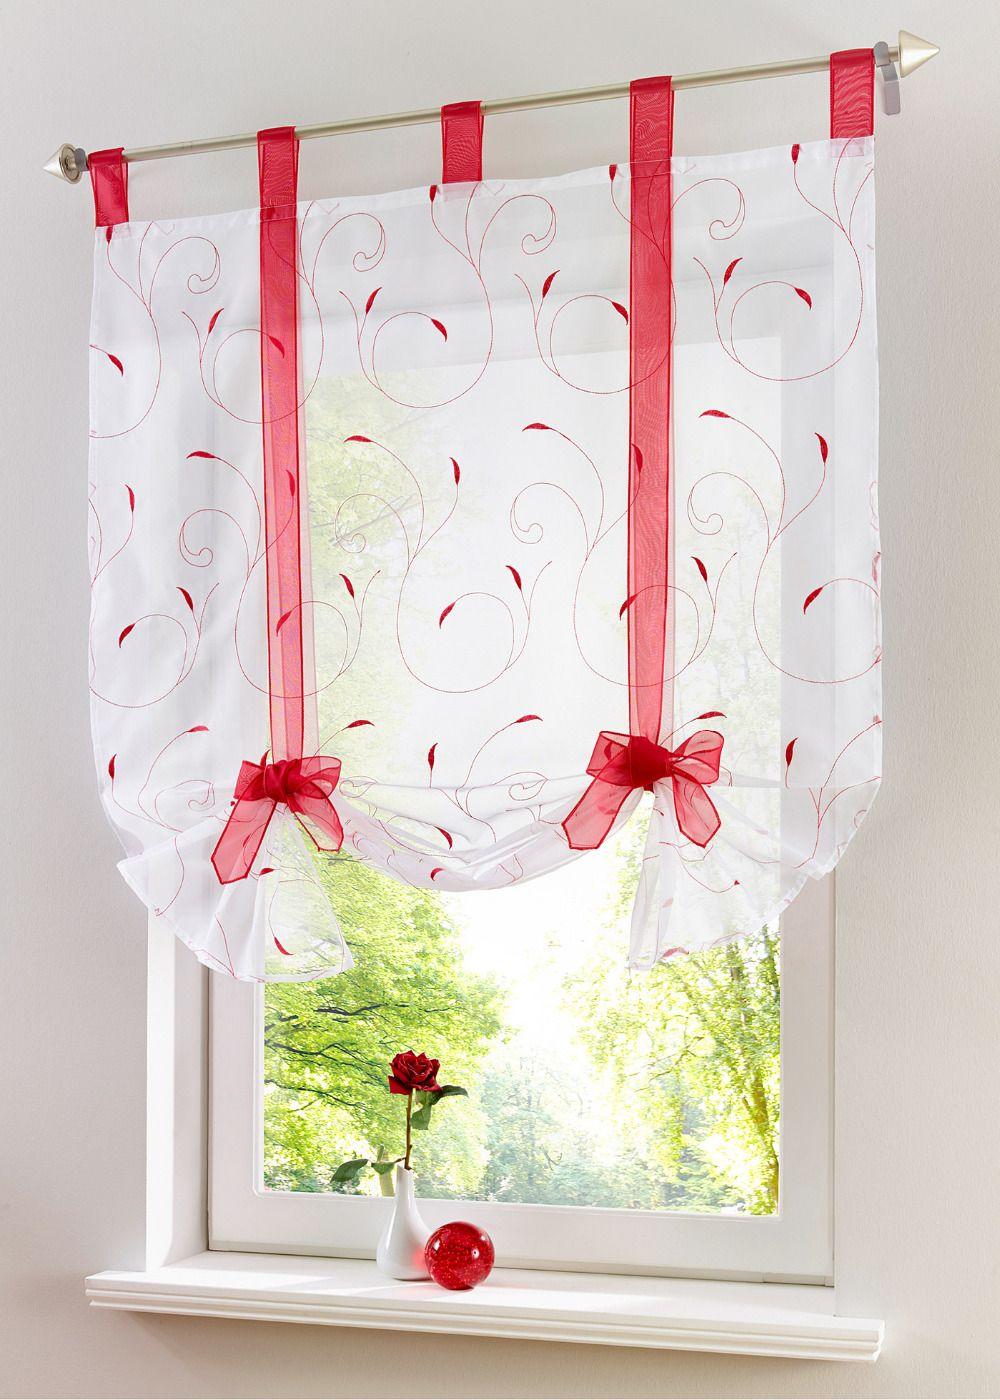 pas cher livraison gratuite arc petite fen tre floral tulle rideaux cuisine rideau porte. Black Bedroom Furniture Sets. Home Design Ideas